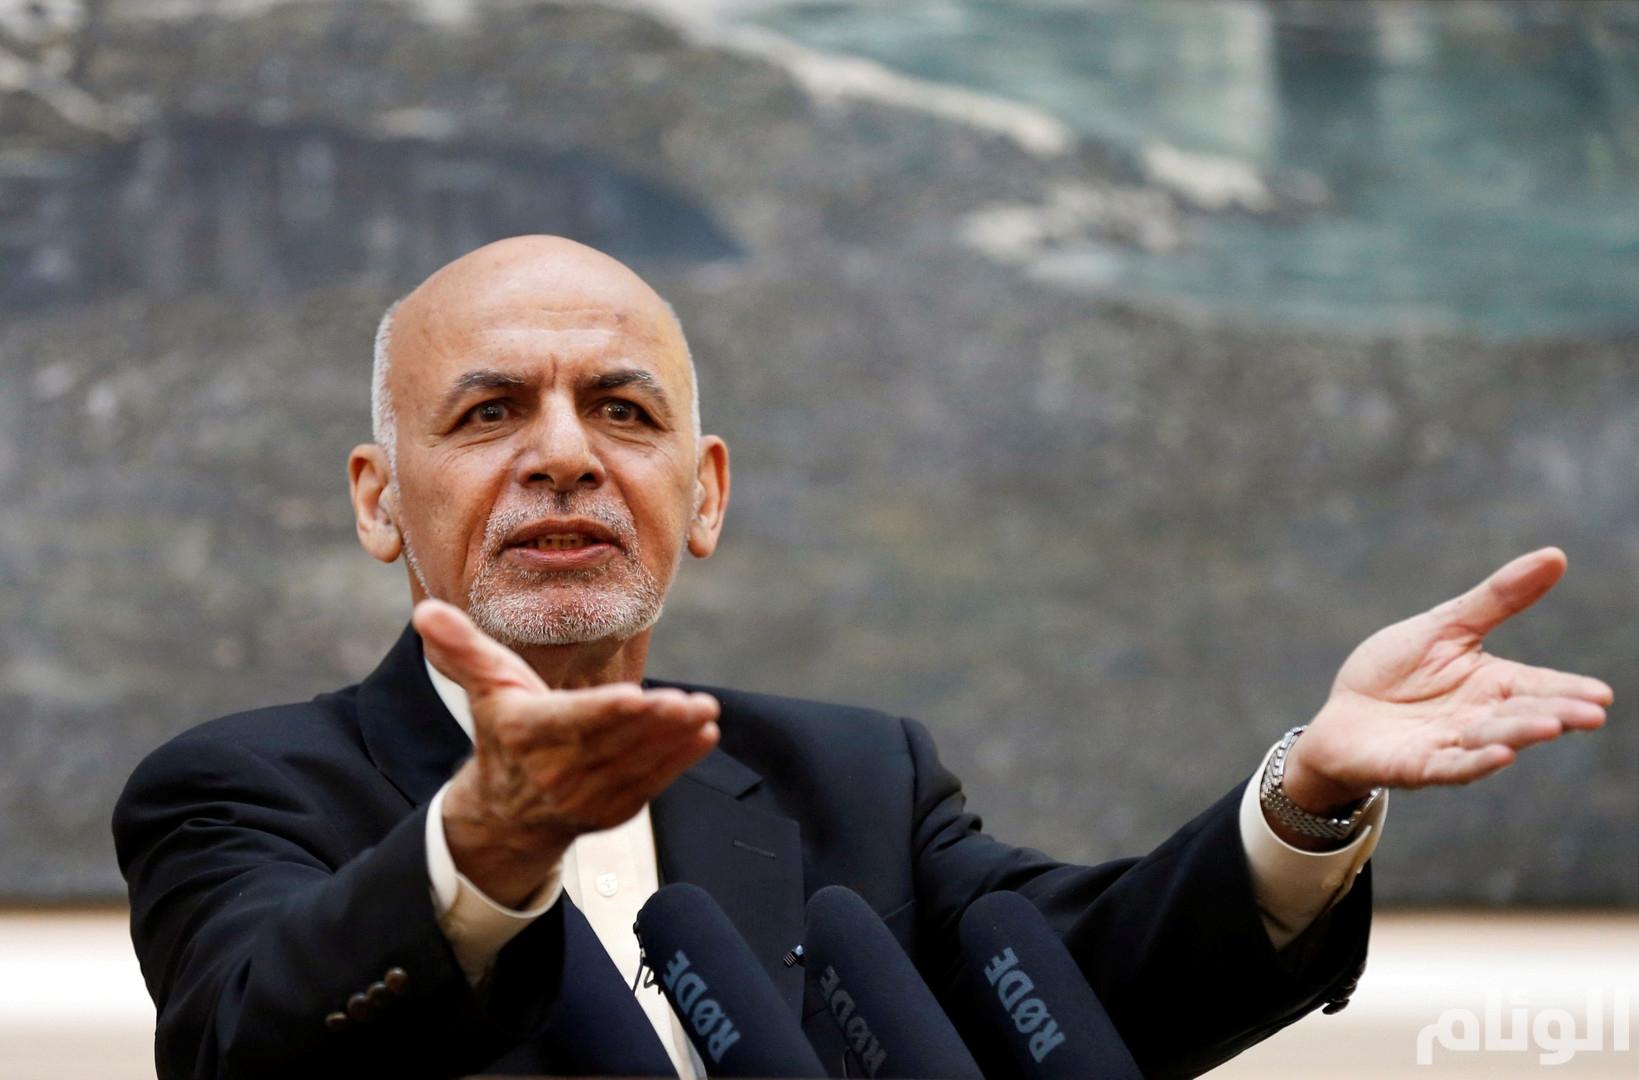 الرئيس الأفغاني: لا يمكن إعفاء طالبان من مسؤولية الهجوم على حفل زفاف